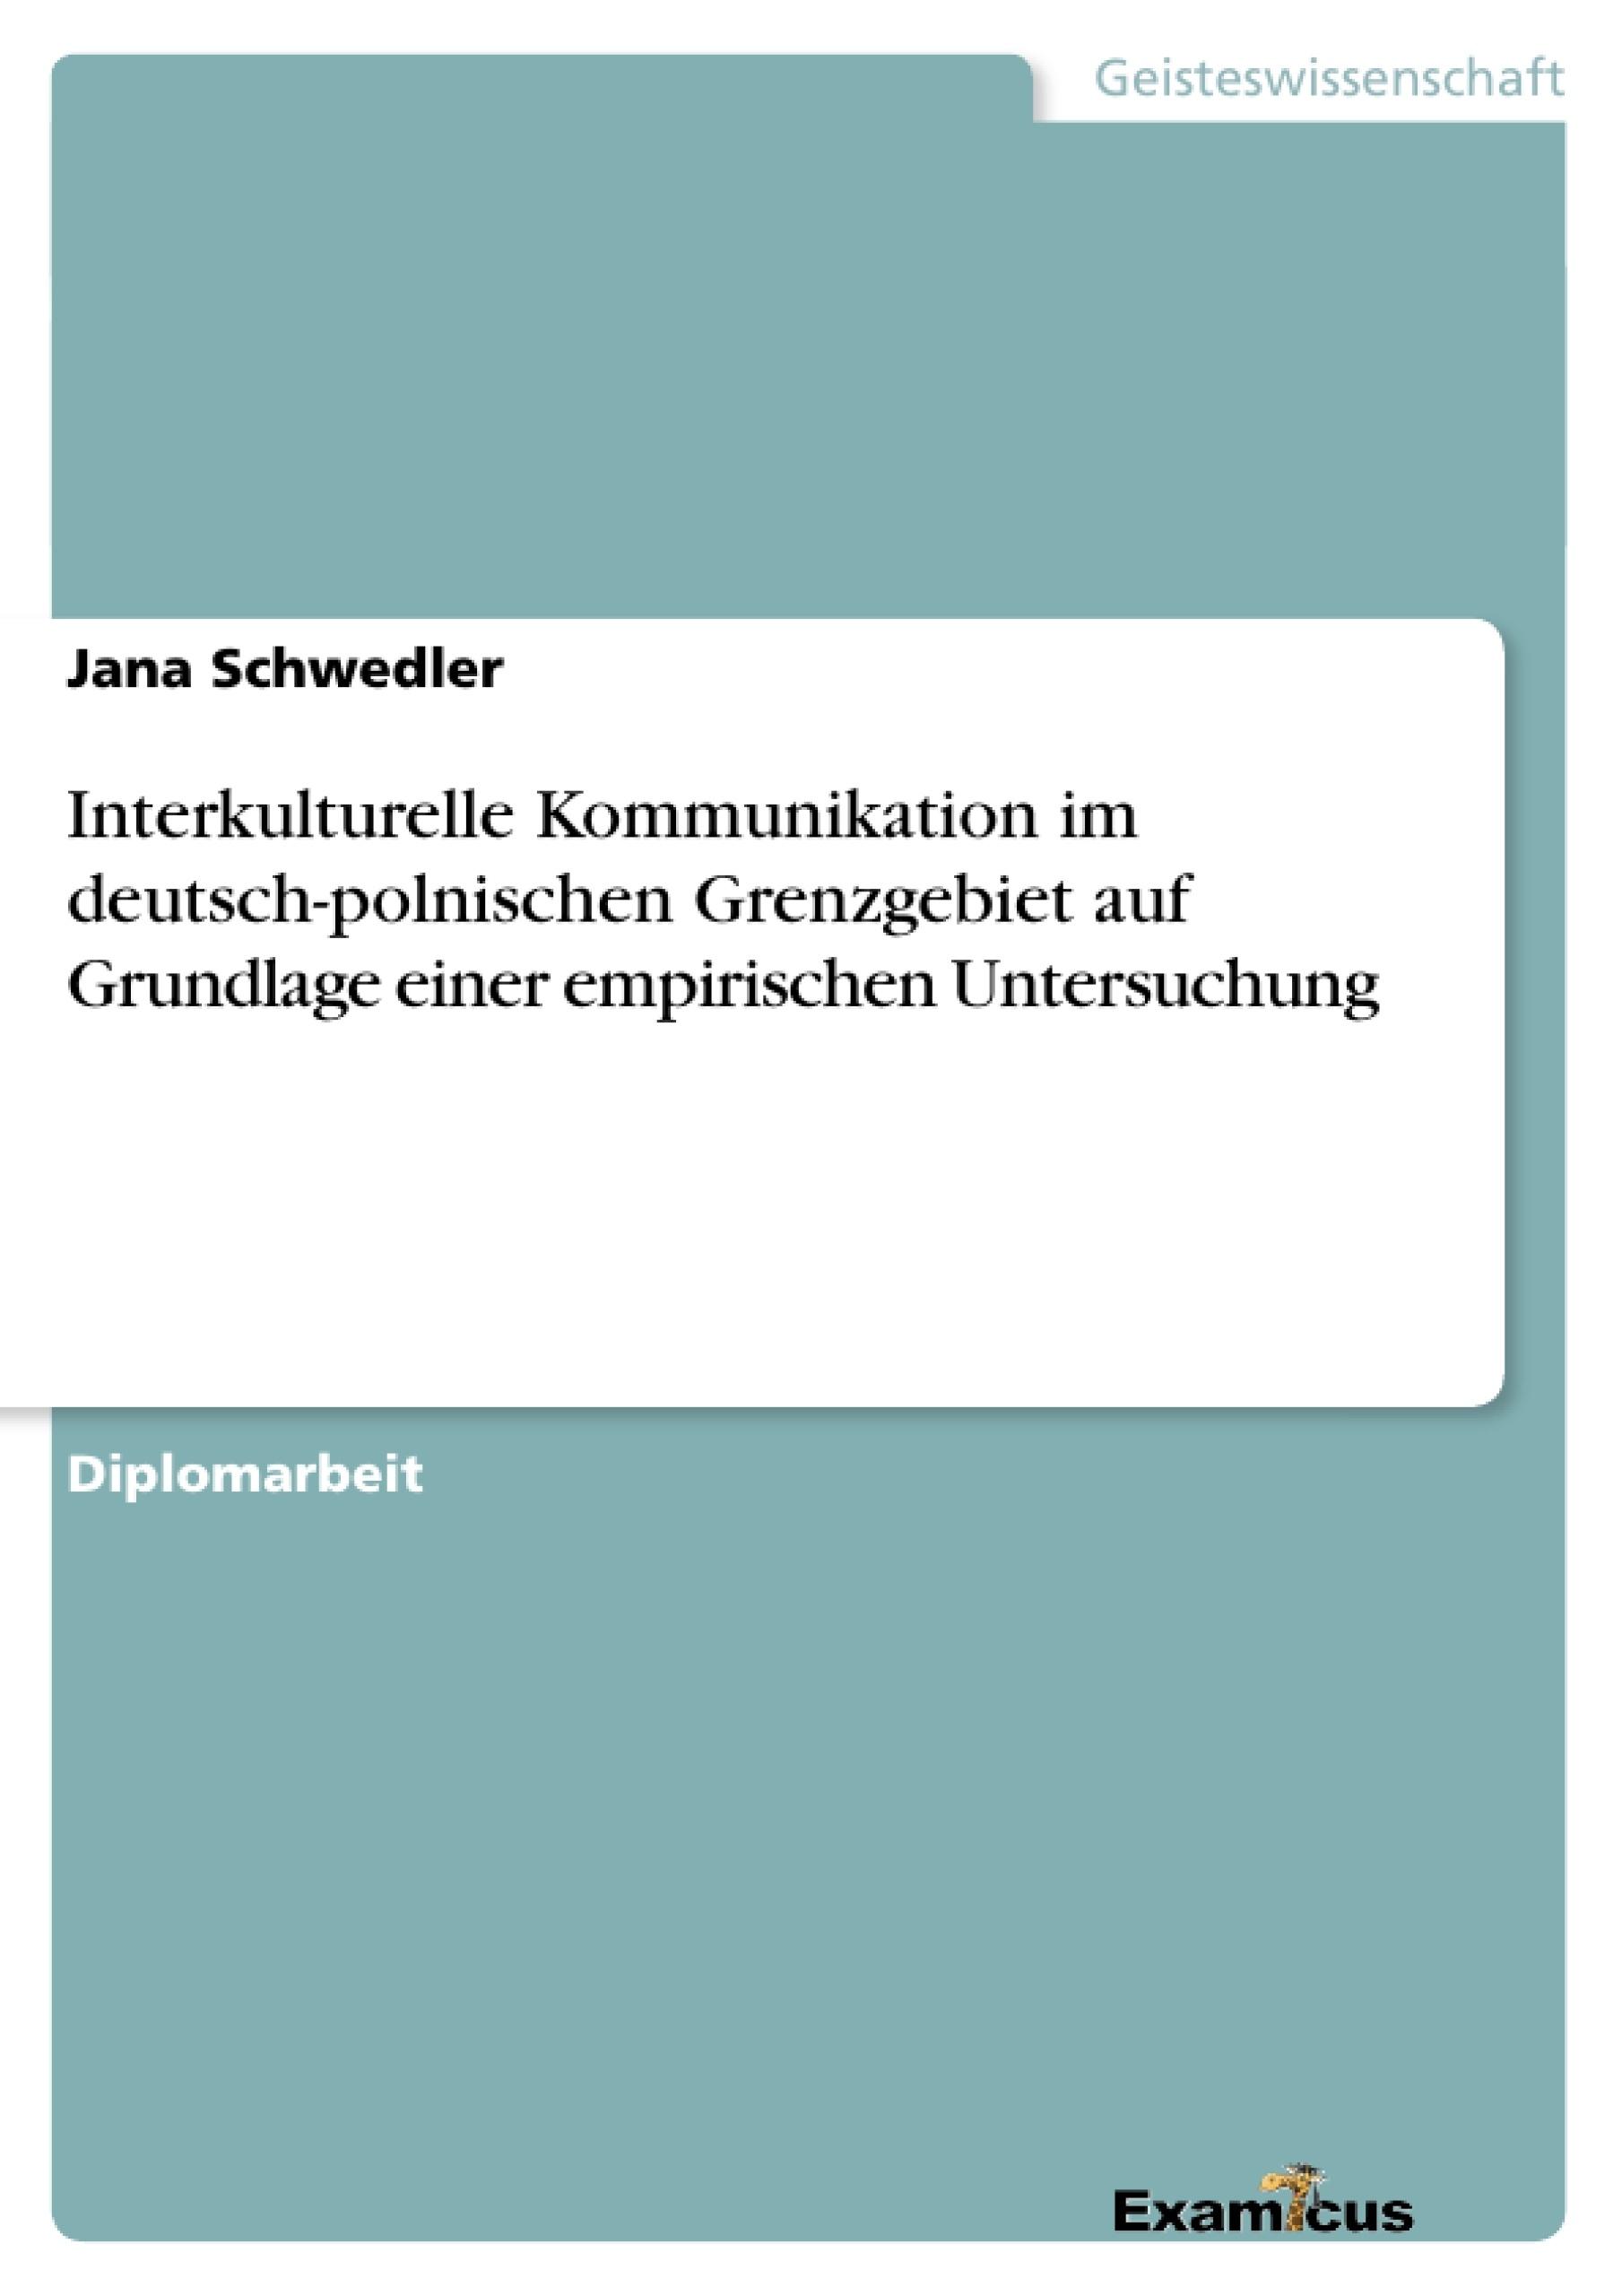 Titel: Interkulturelle Kommunikation im deutsch-polnischen Grenzgebiet auf Grundlage einer empirischen Untersuchung